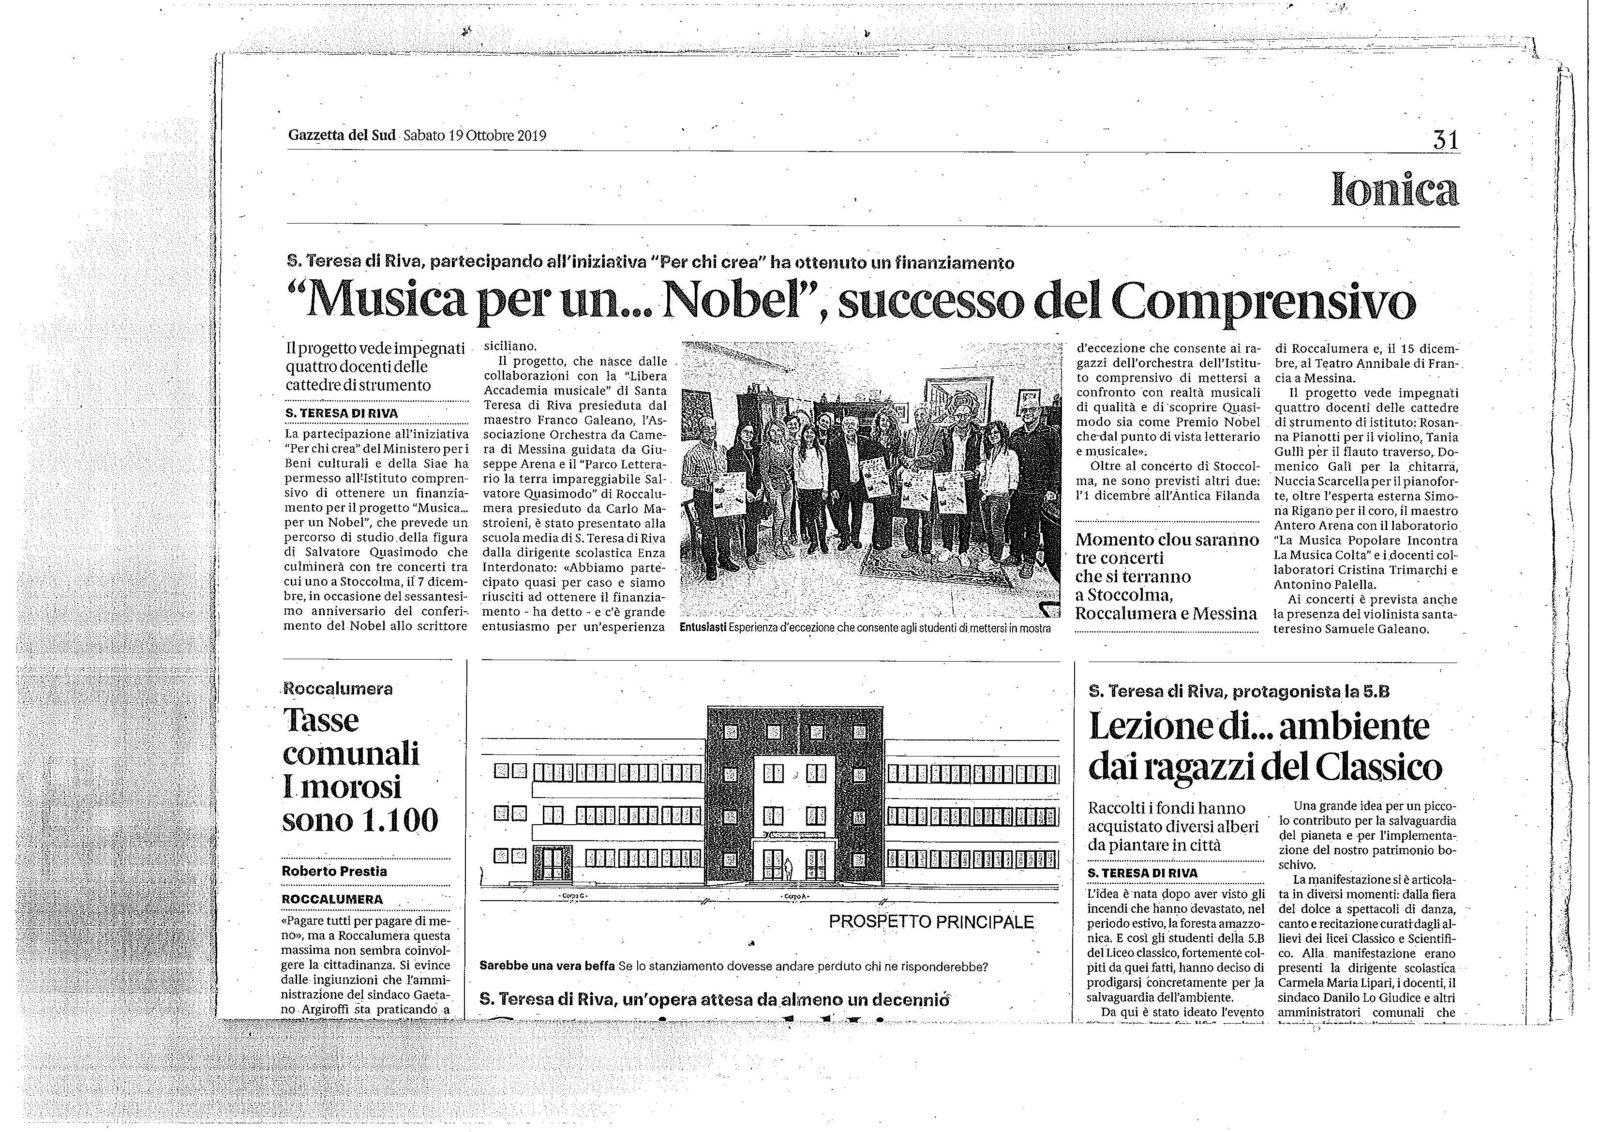 """Articolo""""Ggazetta del Sud  del 19 ottobre"""